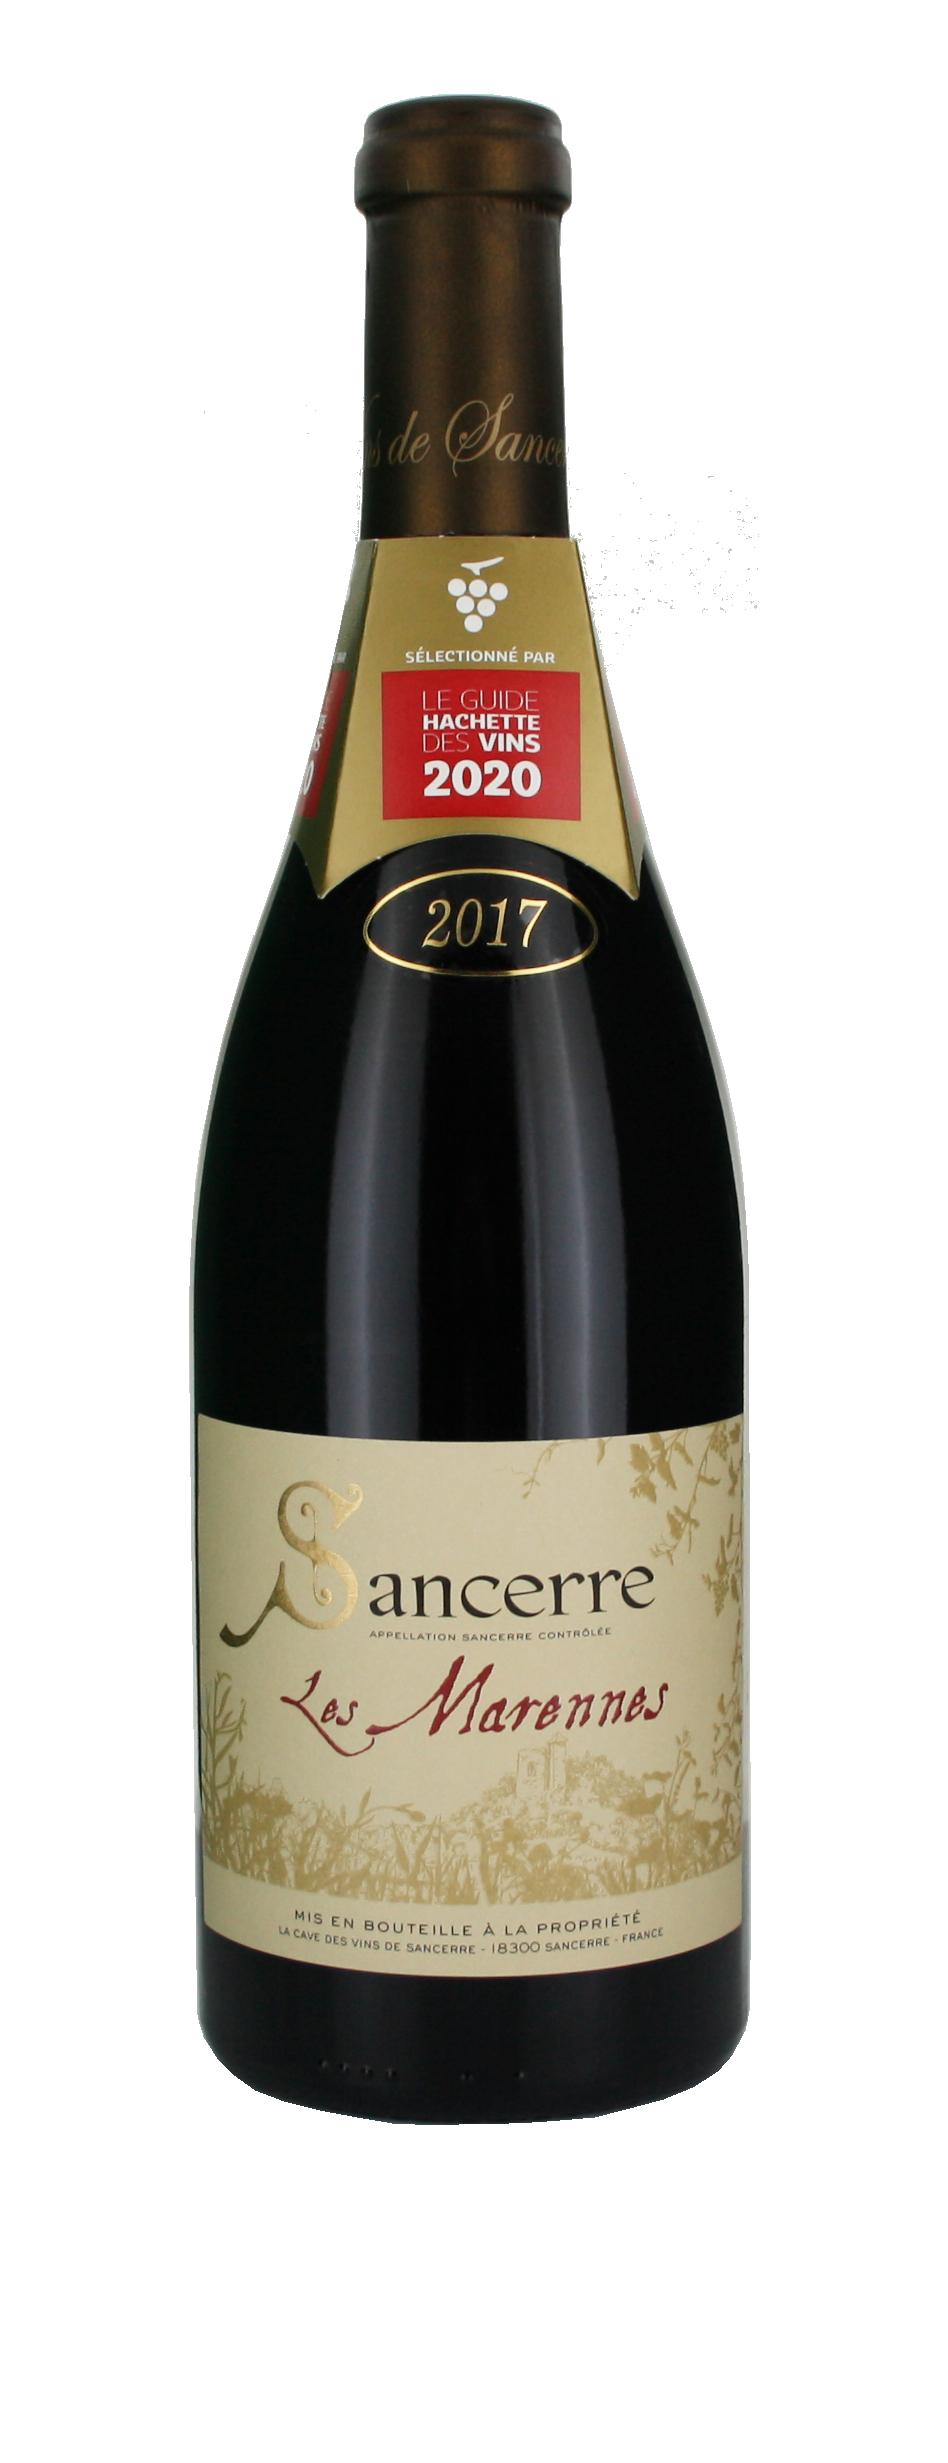 Sancerre Rouge AOC 2017 - Les Marennes